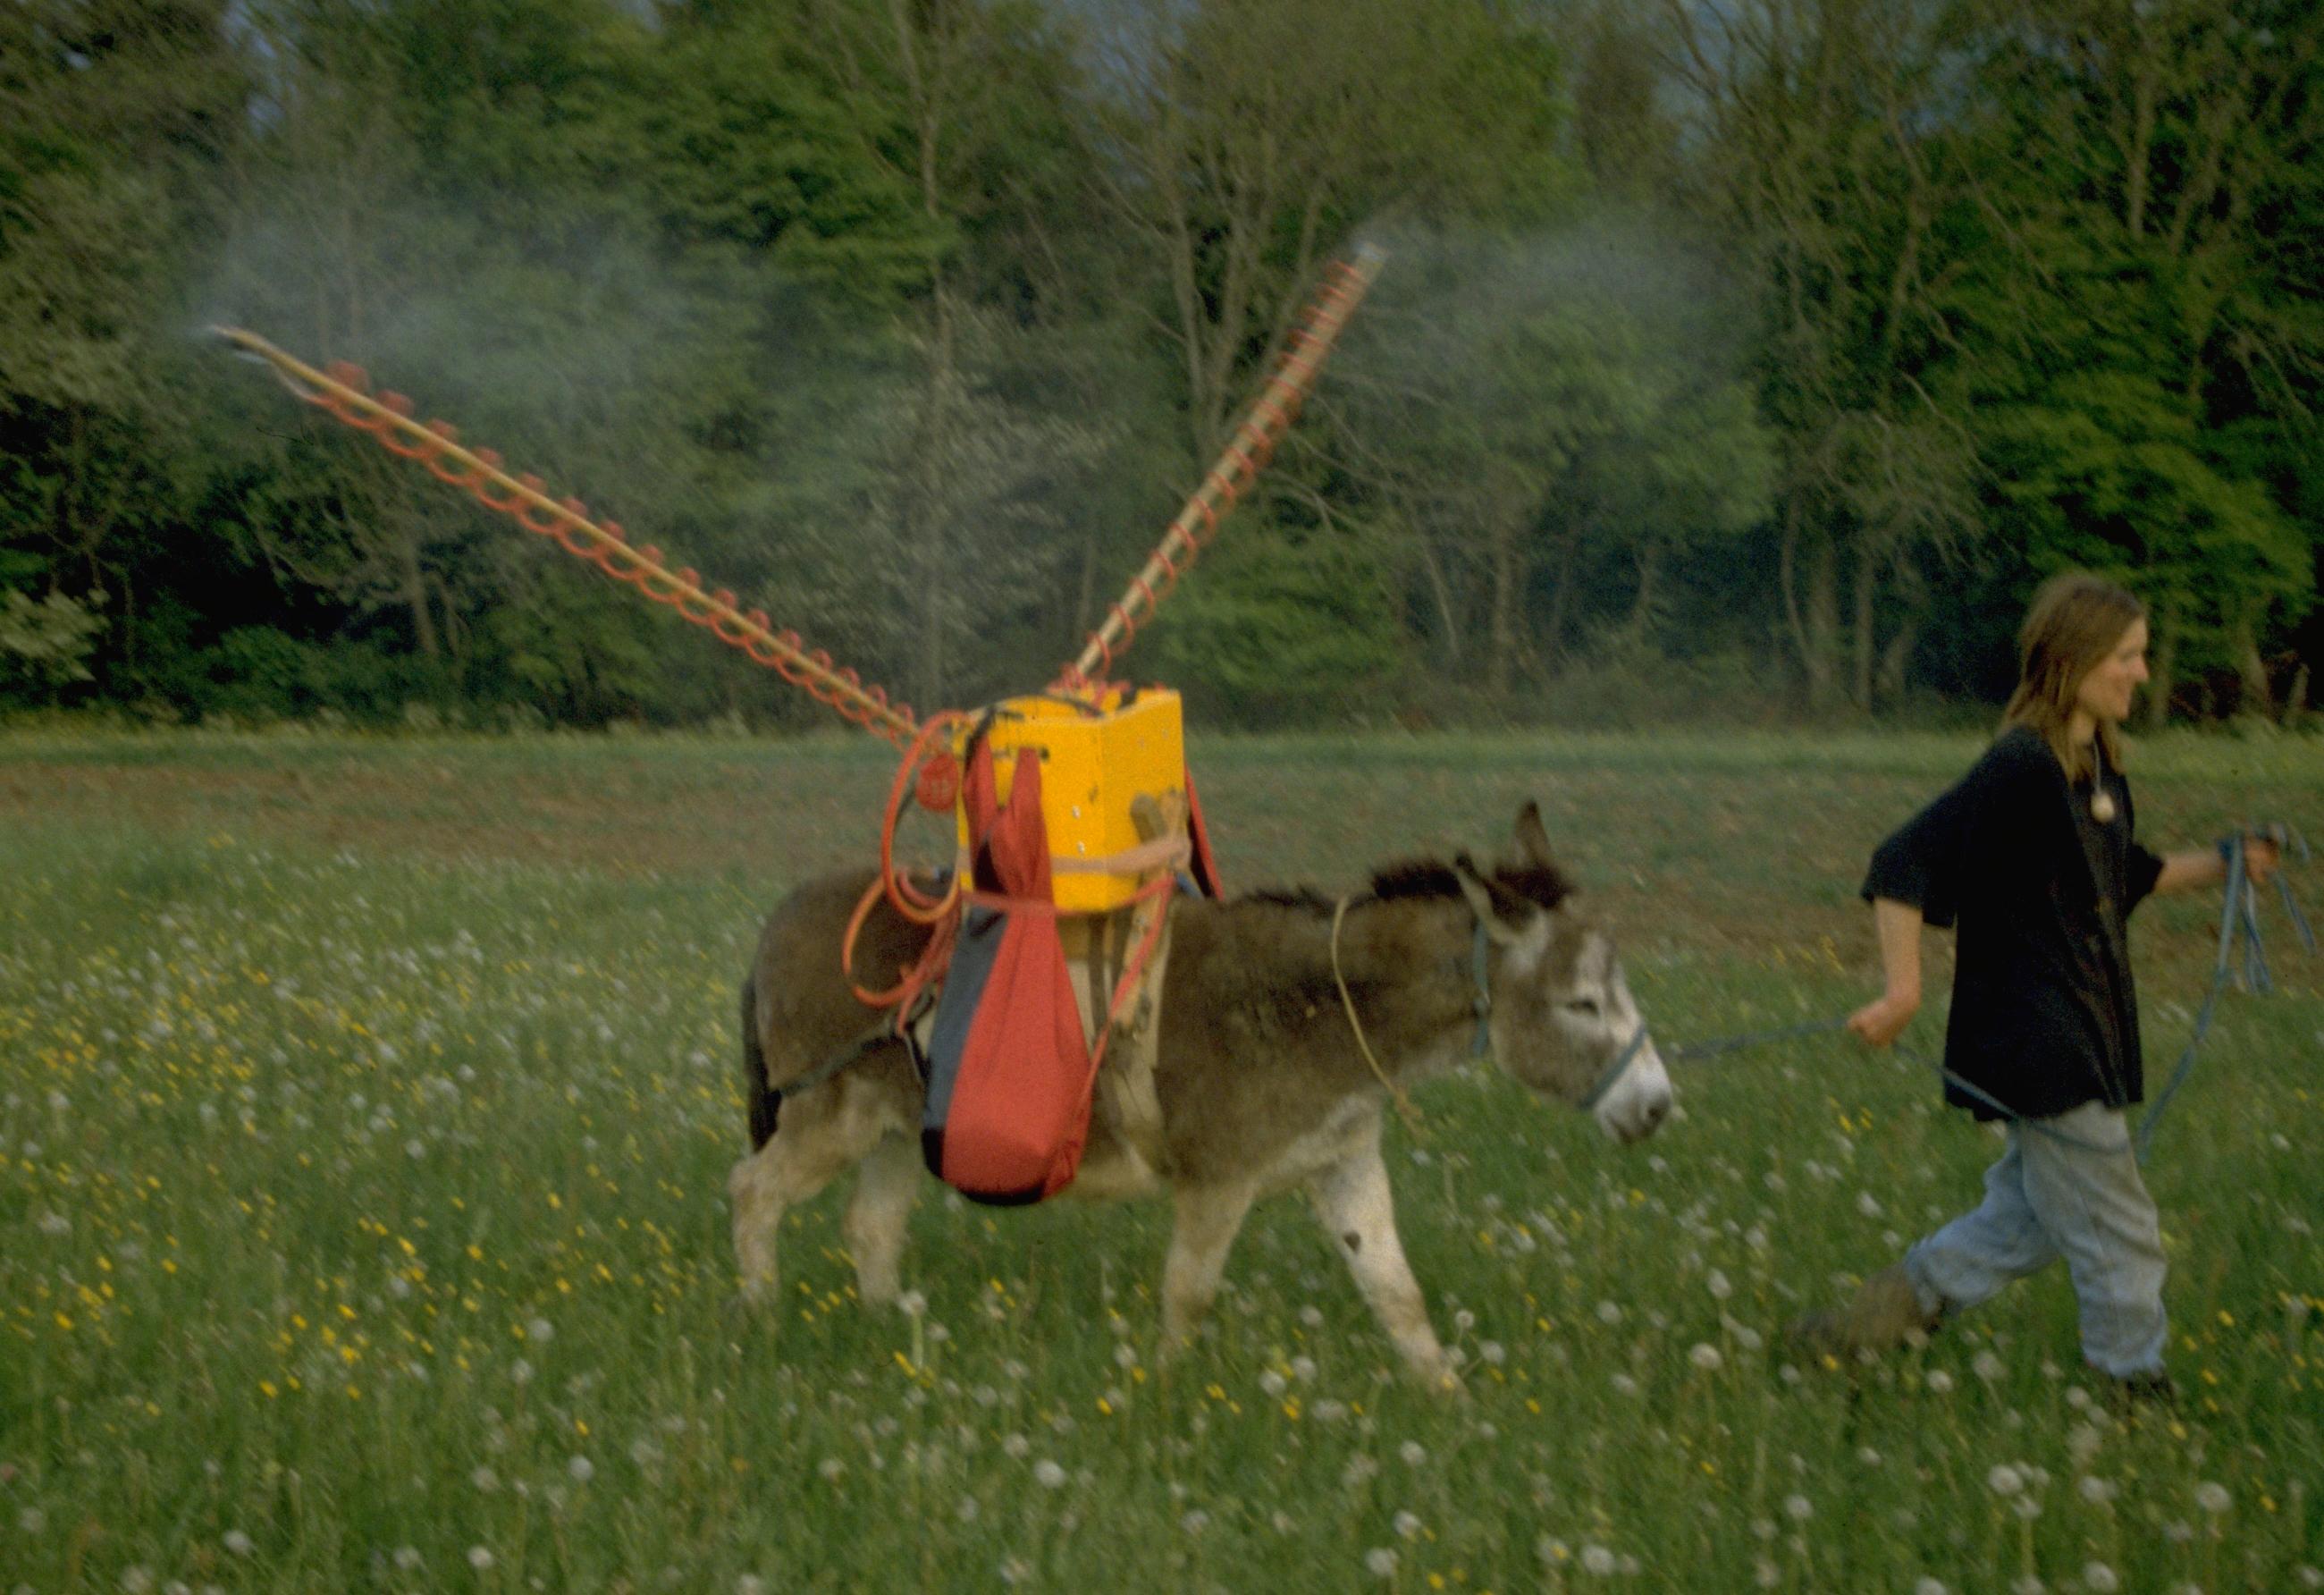 Große Esel spritzen Bester Ebenholz Teenager fuck